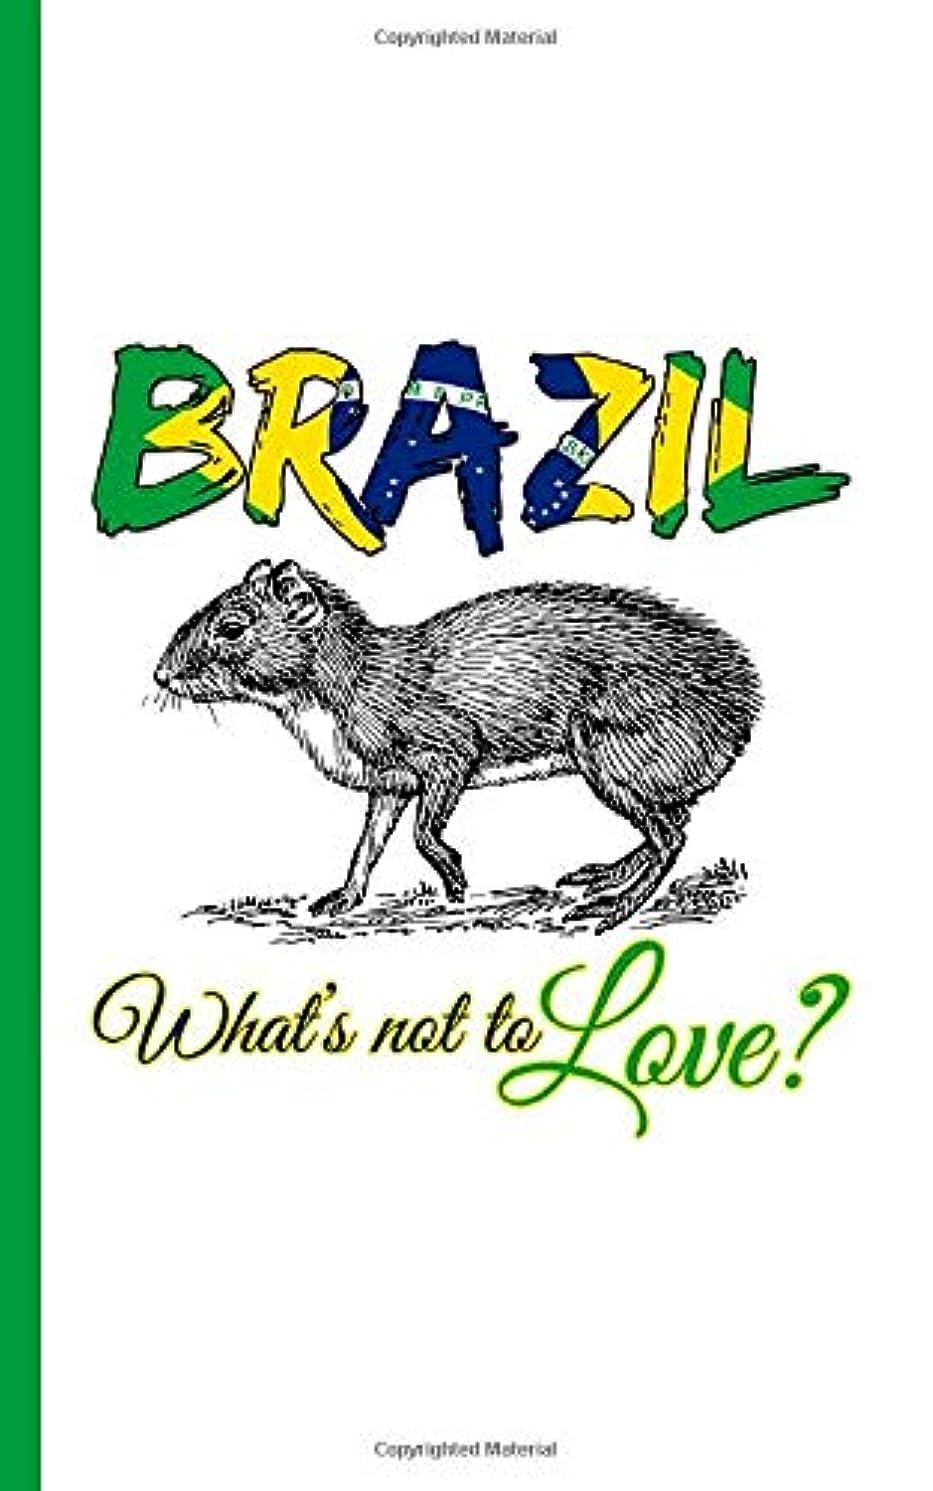 オセアニア岩哲学的Brazil Flag Agouti Animal Journal - Brasil, What's Not To Love? Notebook: Blank Writing Diary Planner Note Book, 100 Lined + 8 Blank Pages, Travel Size (Brazil Travel Gifts Vol 3)